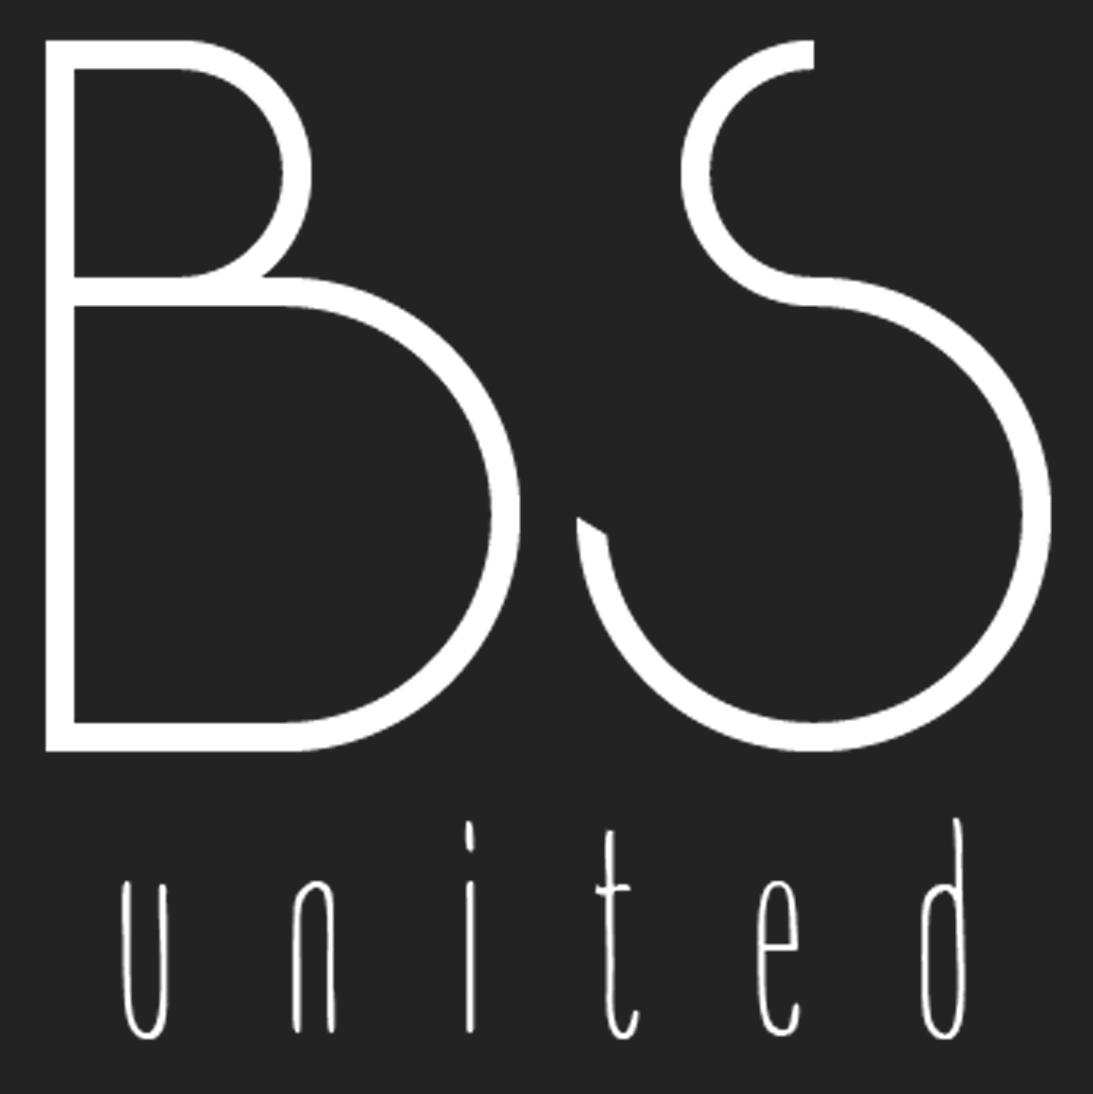 BSU_Final_2_invert